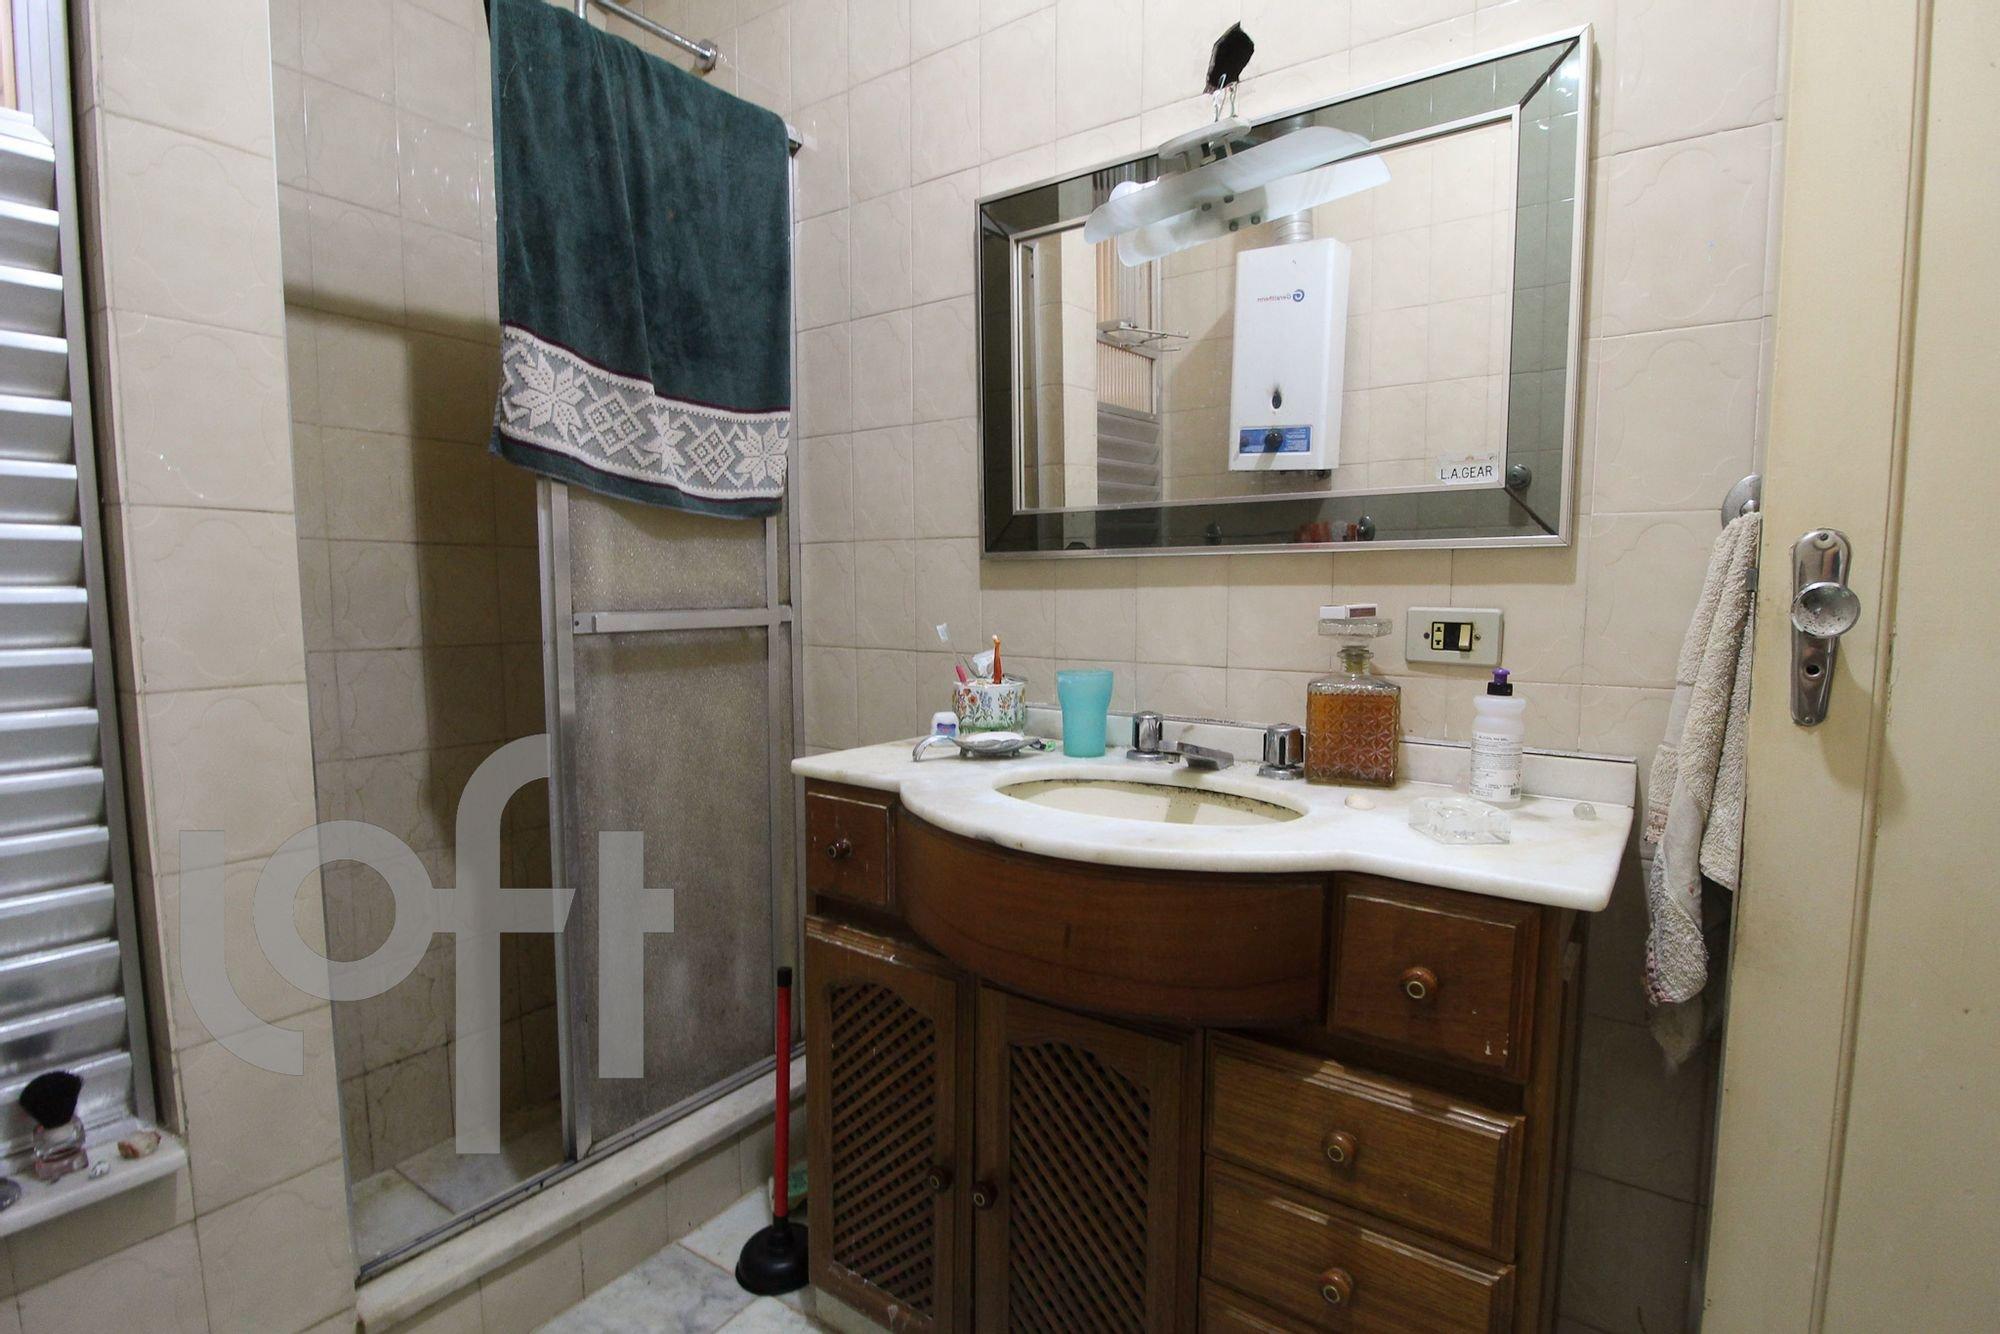 Foto de Banheiro com escova de dente, garrafa, pia, xícara